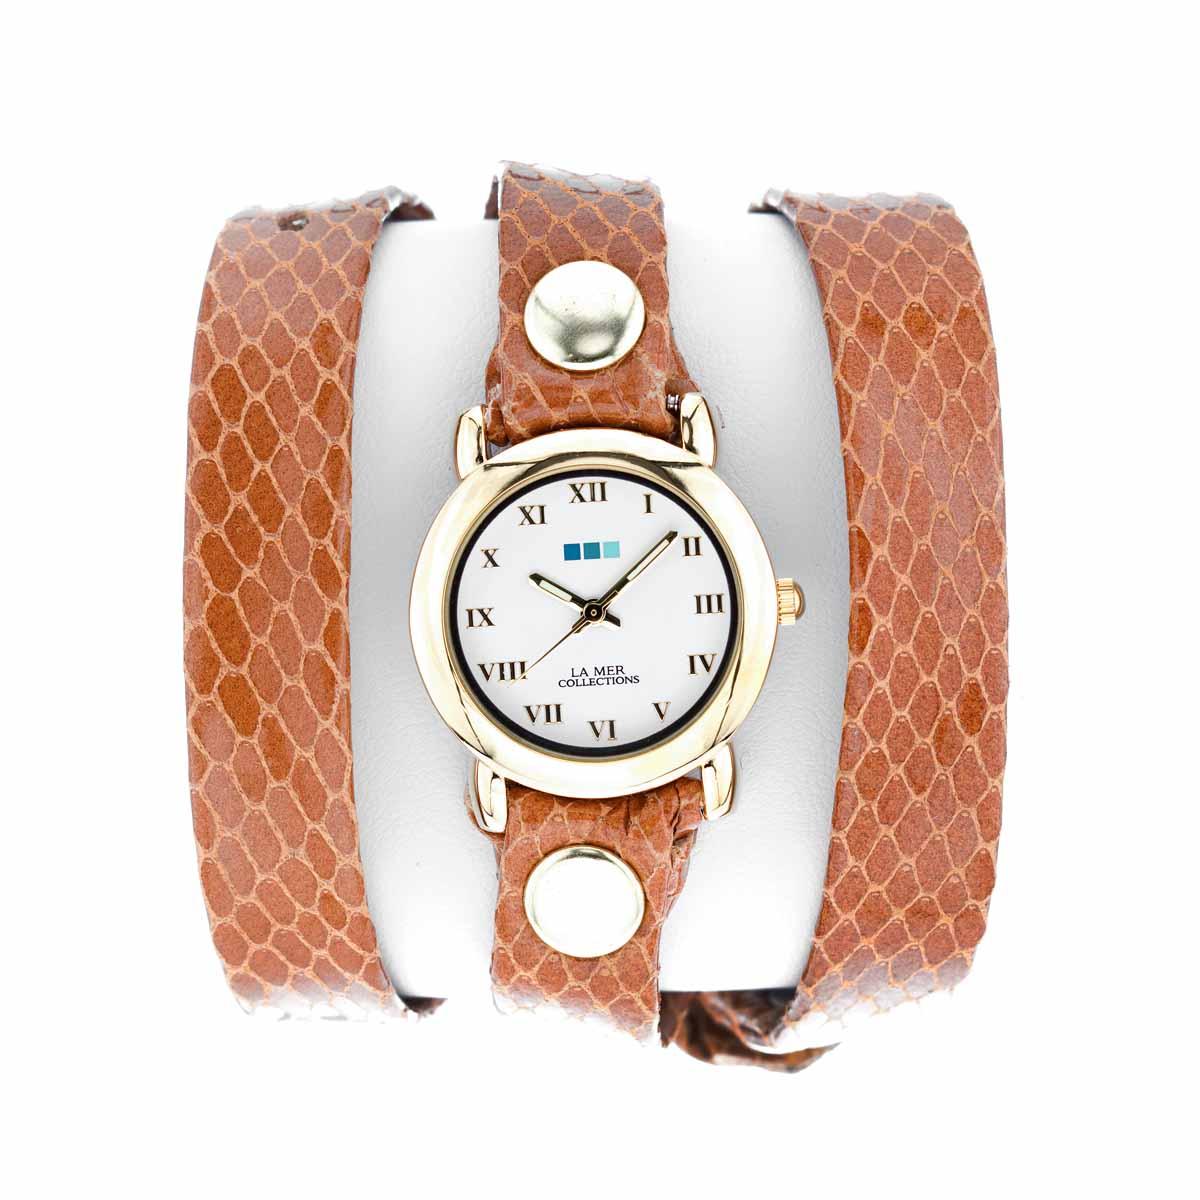 Часы женские наручные La Mer Collections Simple Caramel Snake Gold Round. LMSTW6006LMSTW6006Женские наручные часы Simple Caramel Snake Gold Round позволят вам выделиться из толпы и подчеркнуть свою индивидуальность. Часы оснащены японским кварцевым механизмом SEIKO. Ремешок выполнен из натуральной итальянской кожи с глянцевой поверхностью и оформлен декоративным тиснением, имитирующим змеиную кожу. Корпус часов изготовлен из сплава металлов золотистого цвета. Циферблат оснащен часовой, минутной и секундной стрелками и защищен минеральным стеклом. Часовая и минутная стрелки светятся в темноте. Циферблат оформлен римскими цифрами. Часы застегиваются на классическую застежку. Часы хранятся на специальной подушечке в футляре из искусственной кожи, крышка которого оформлена логотипом компании La Mer Collection.